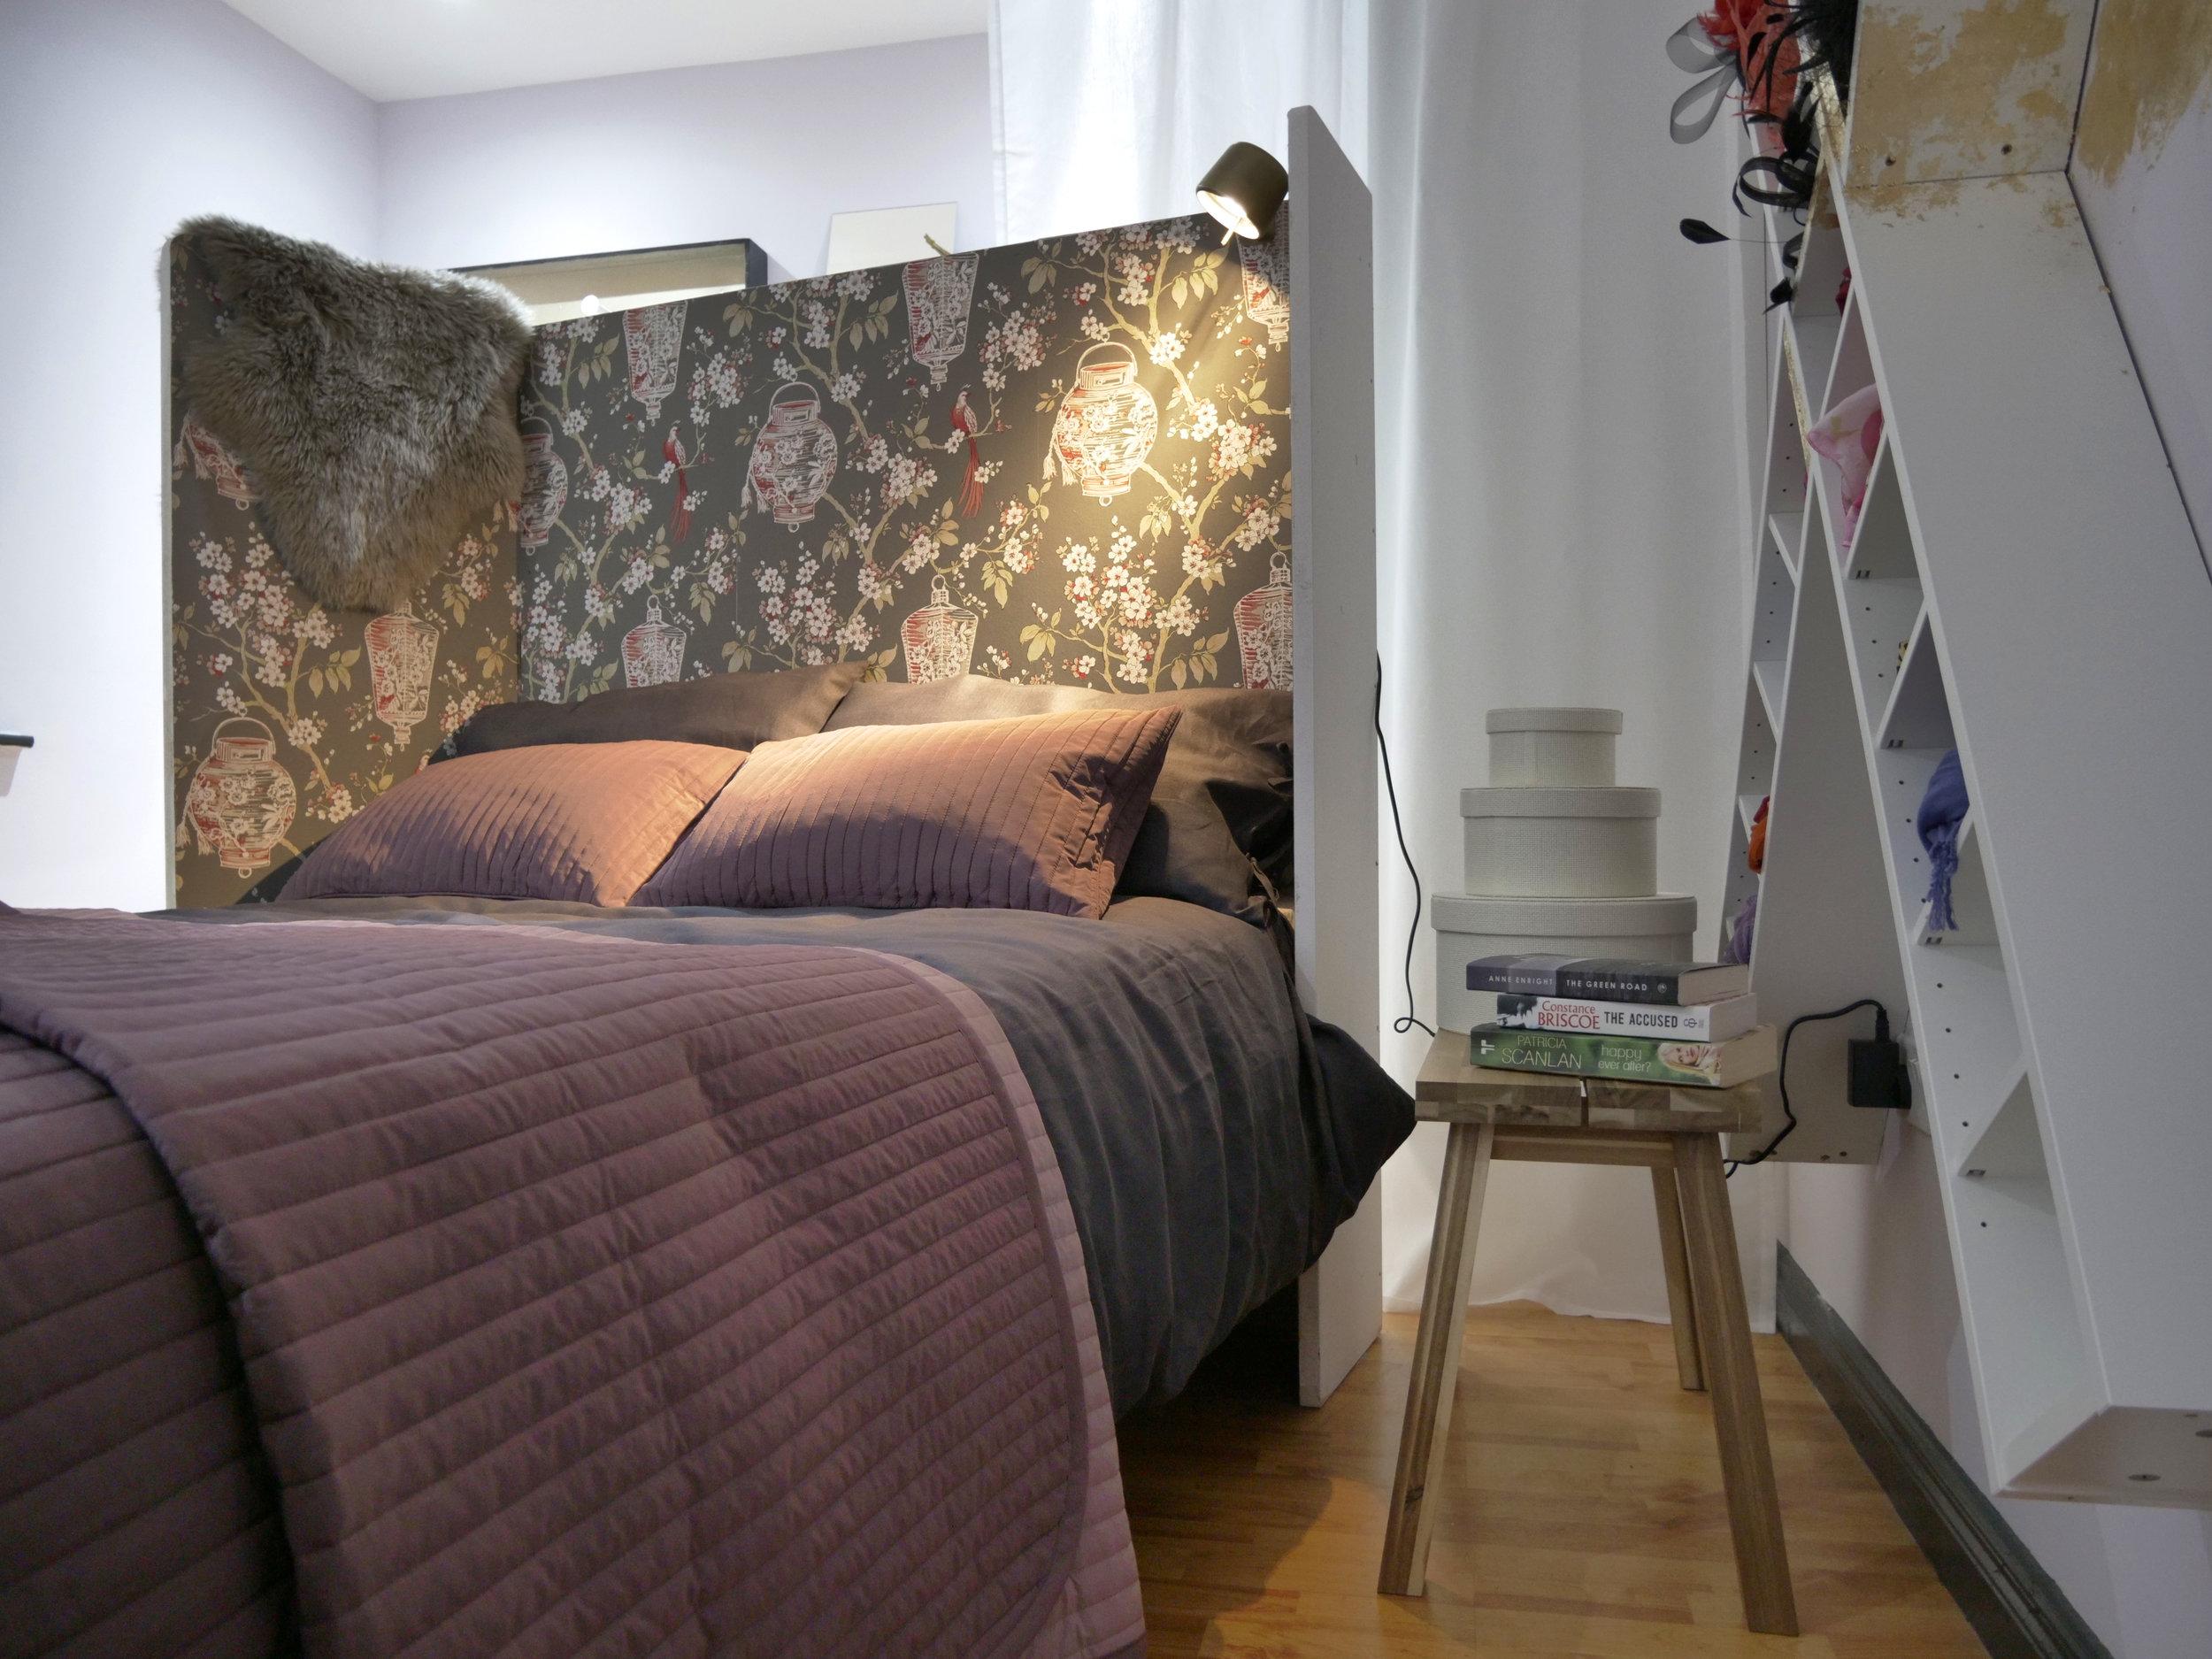 Killybegs---Bedroom---After-1.jpg